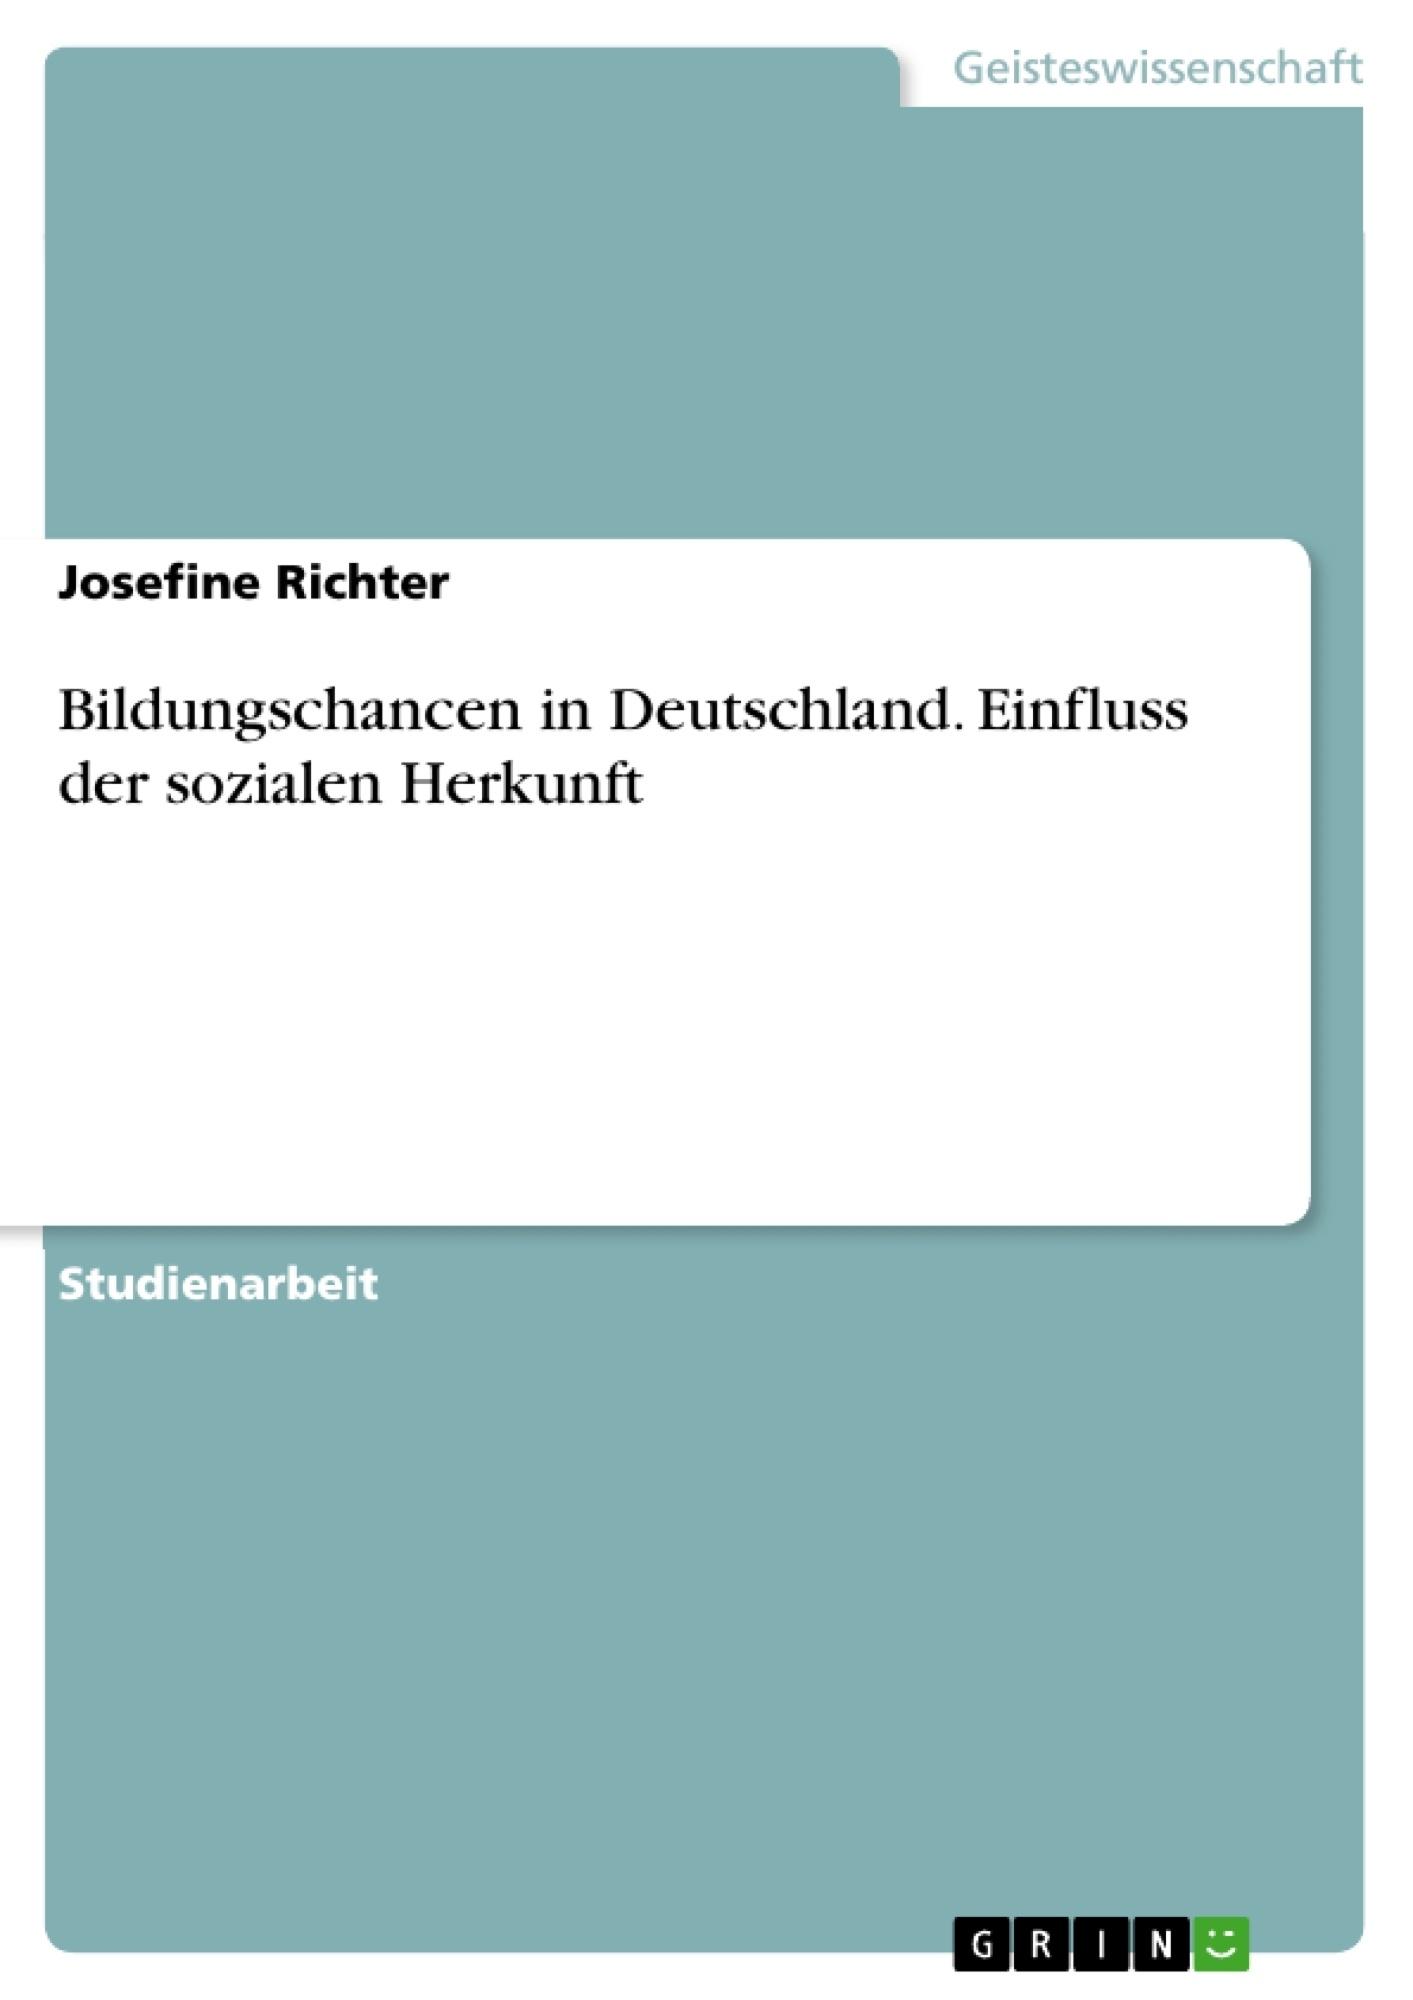 Titel: Bildungschancen in Deutschland. Einfluss der sozialen Herkunft